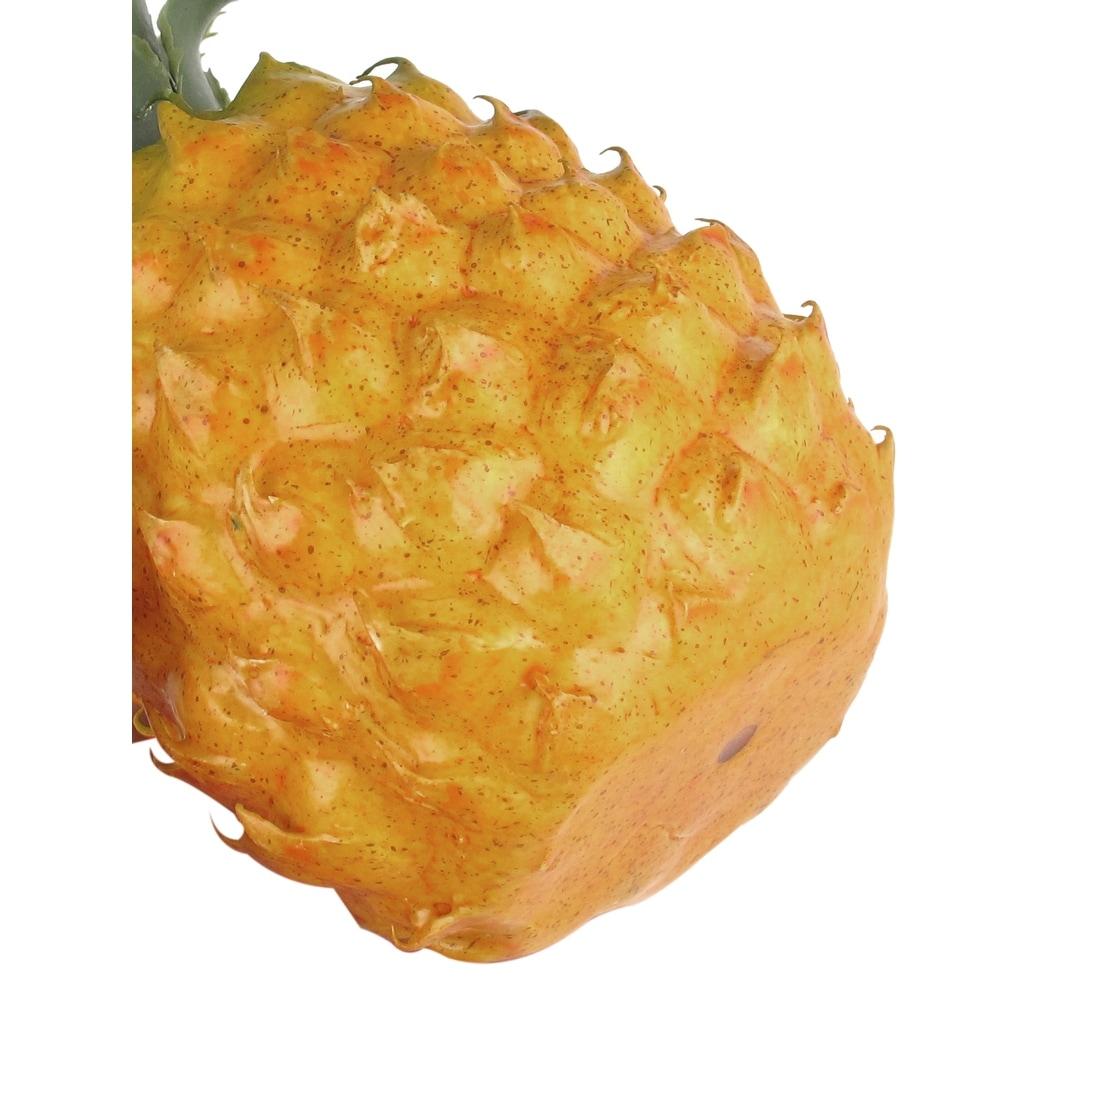 Shop House Kitchen Party Decor Artificial Pineapple Fruit Ornament